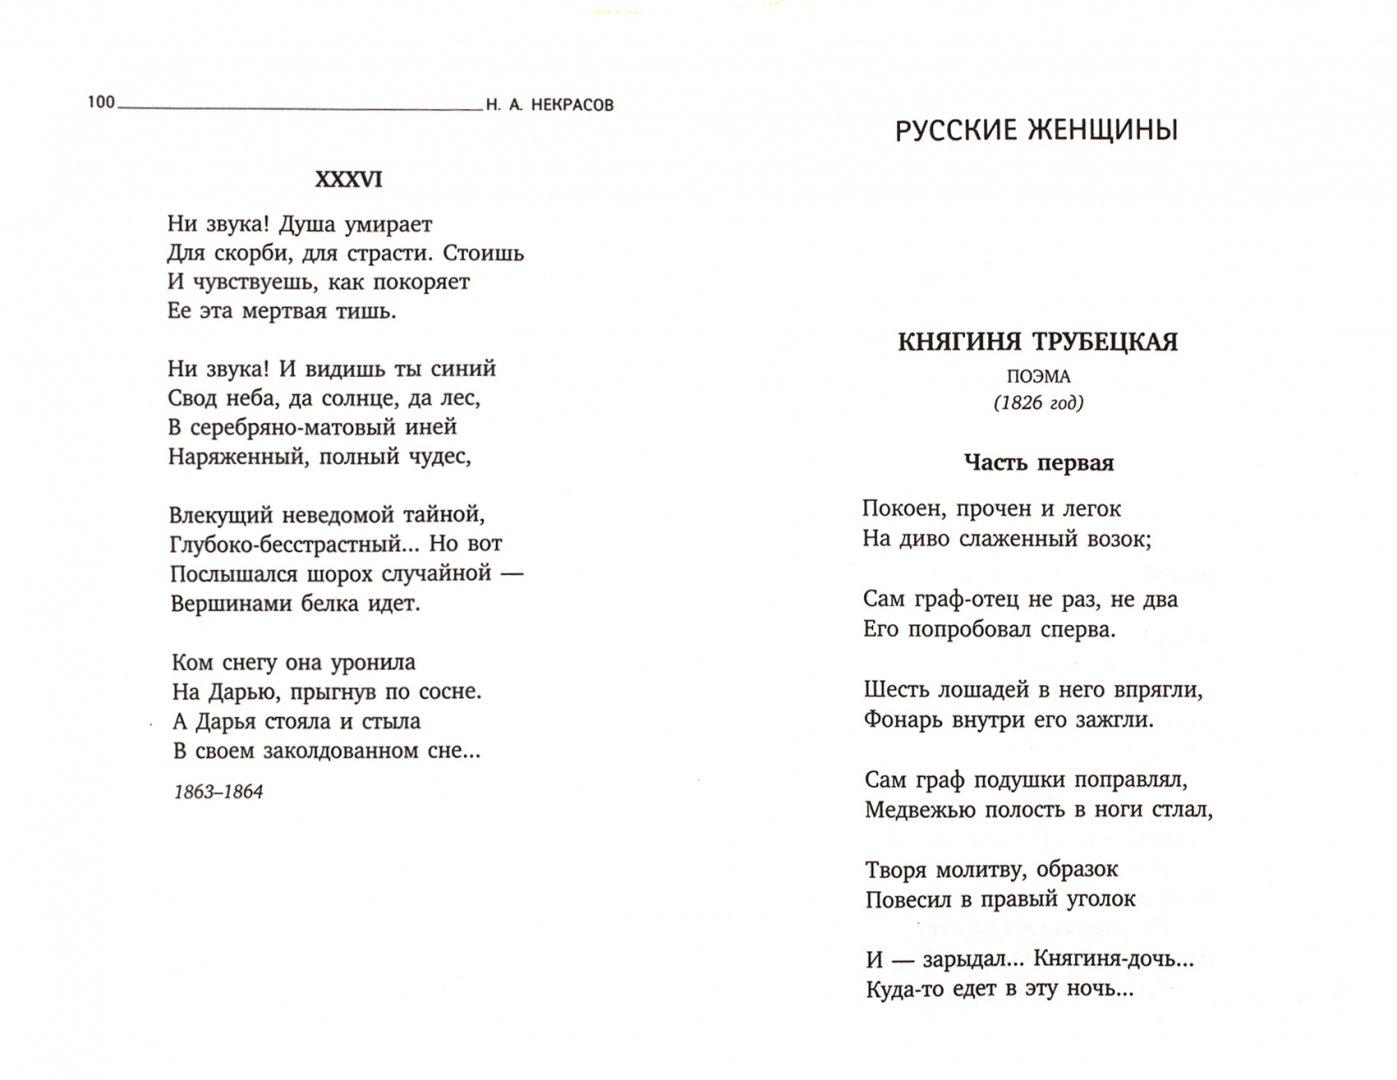 Иллюстрация 1 из 7 для Русские женщины. Поэмы - Николай Некрасов | Лабиринт - книги. Источник: Лабиринт